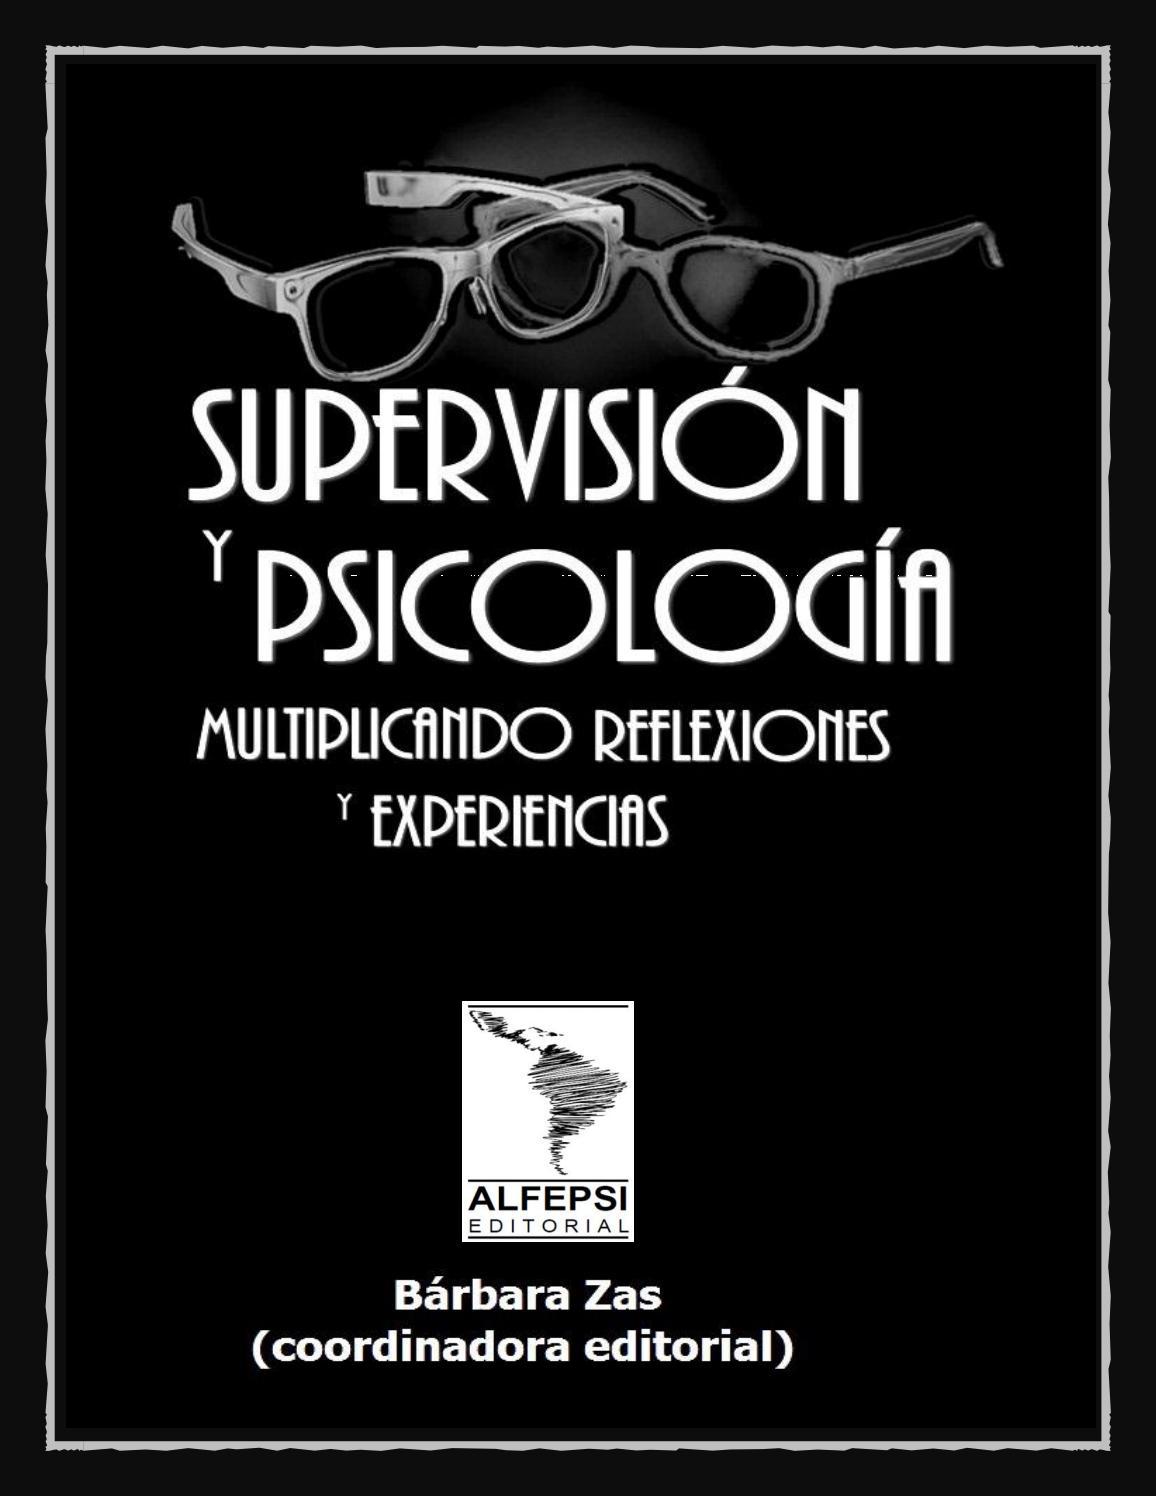 Supervisión Y Psicología Multiplicando Reflexiones Y